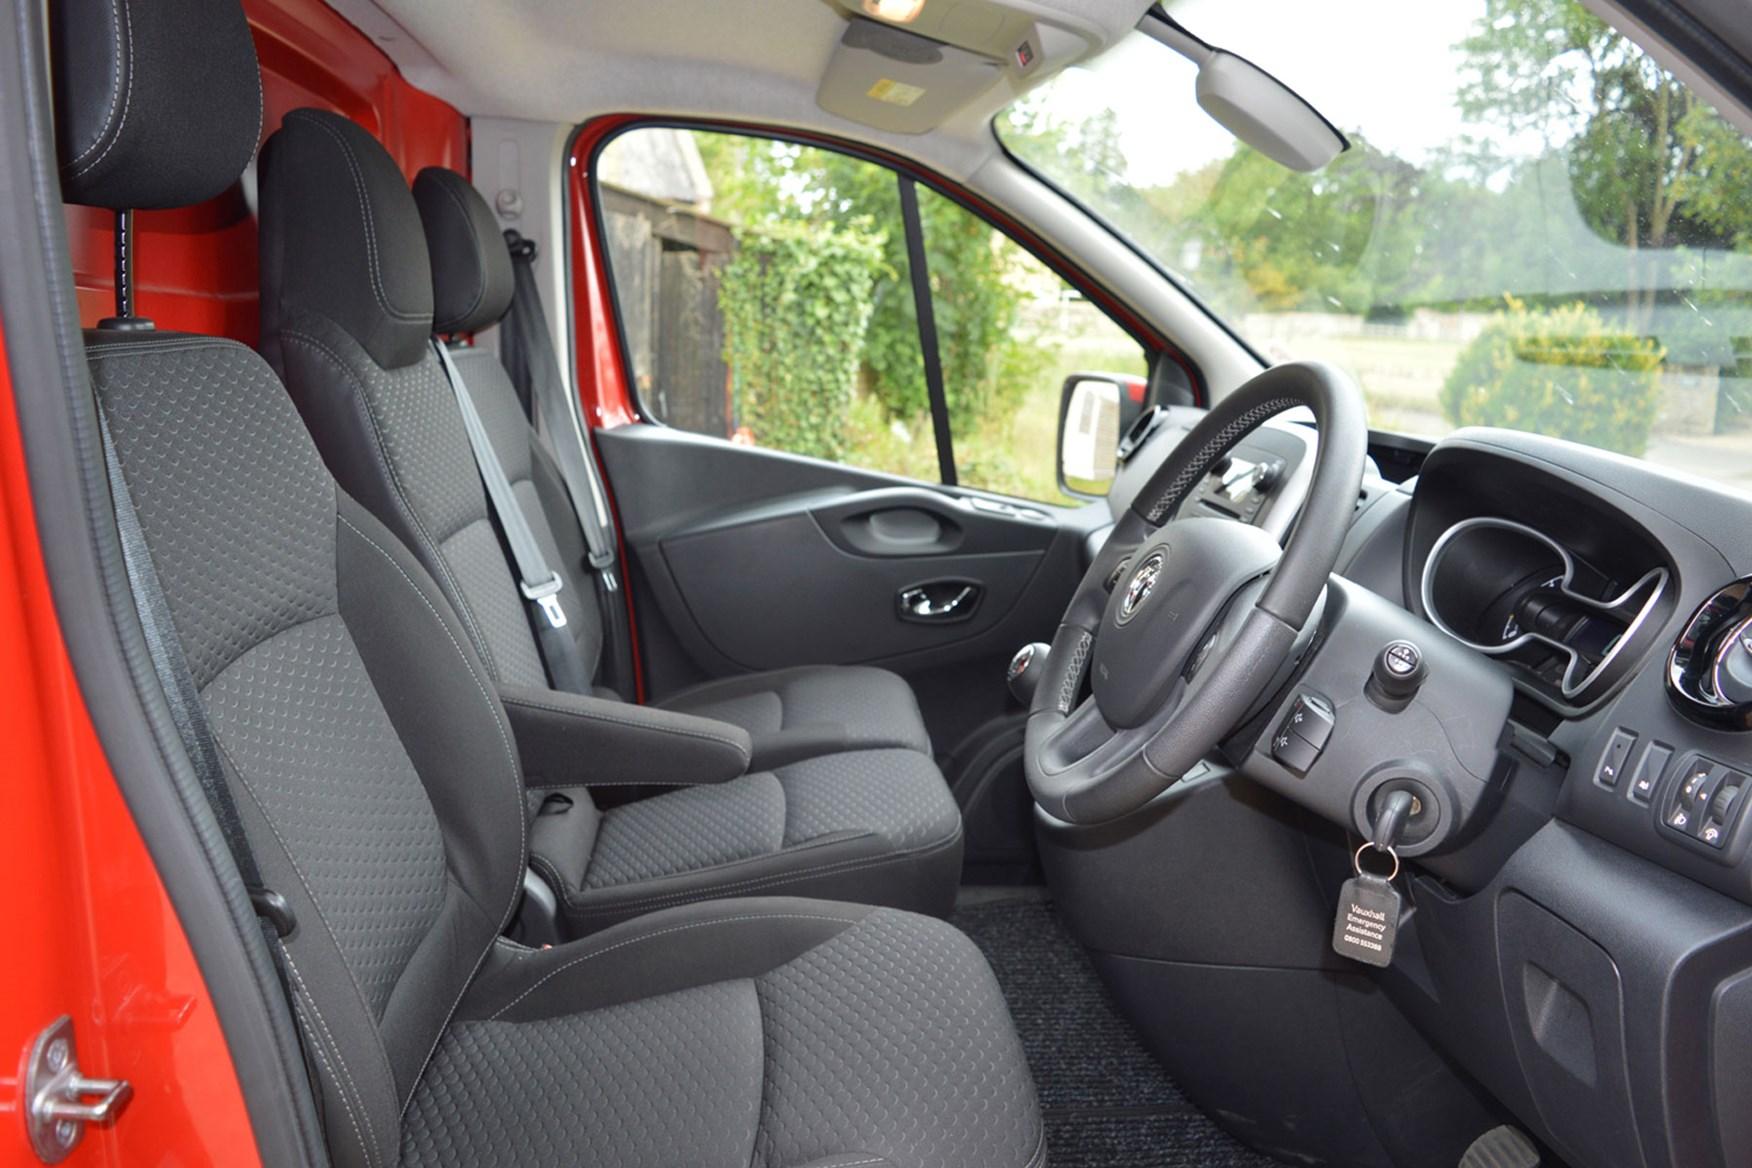 Vauxhall Vivaro Sportive EU5 review - cab interior